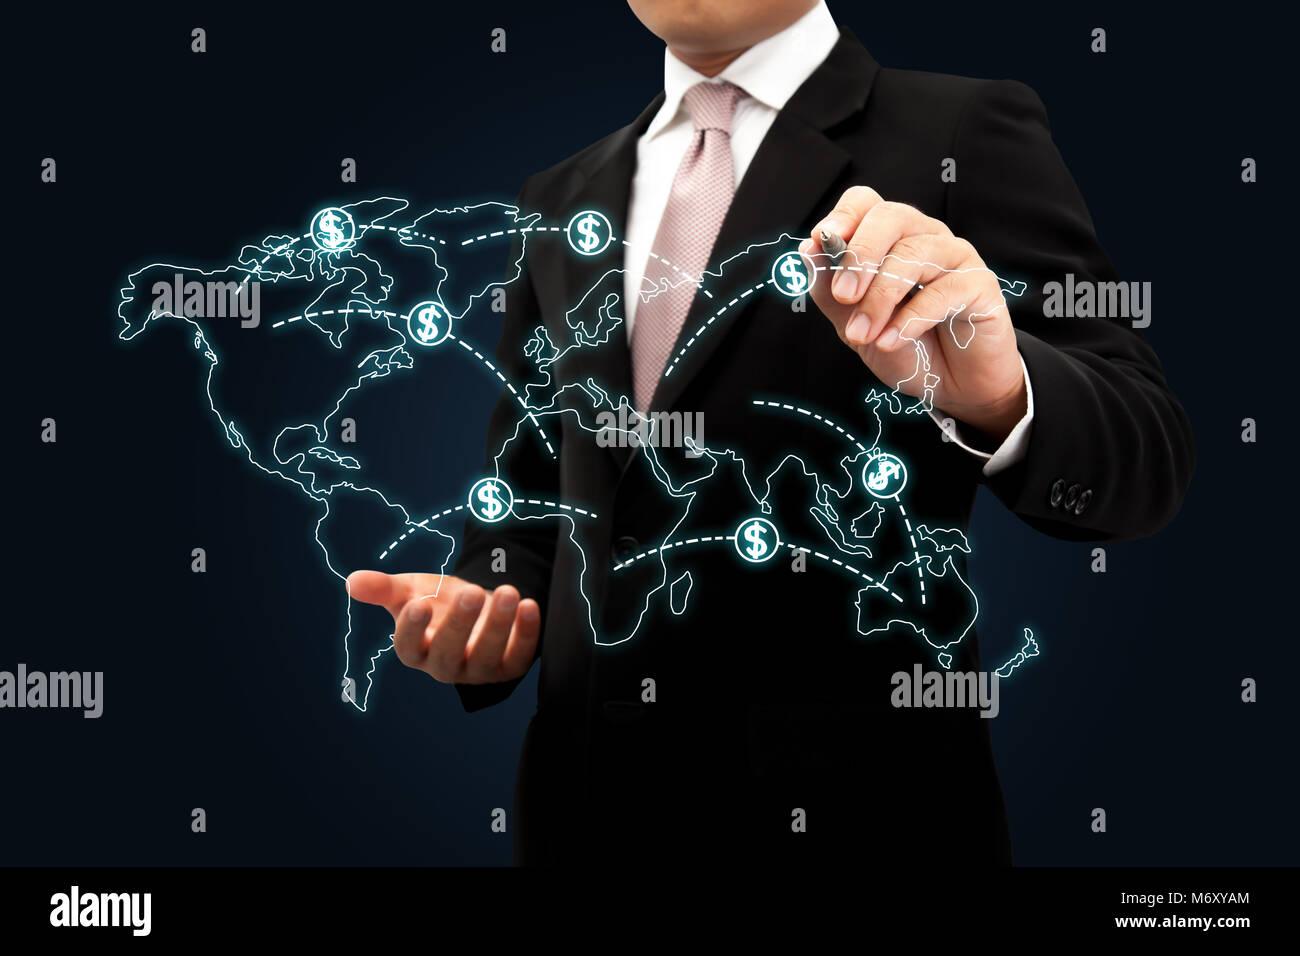 El crecimiento del negocio en todo el mundo. Imagen De Stock